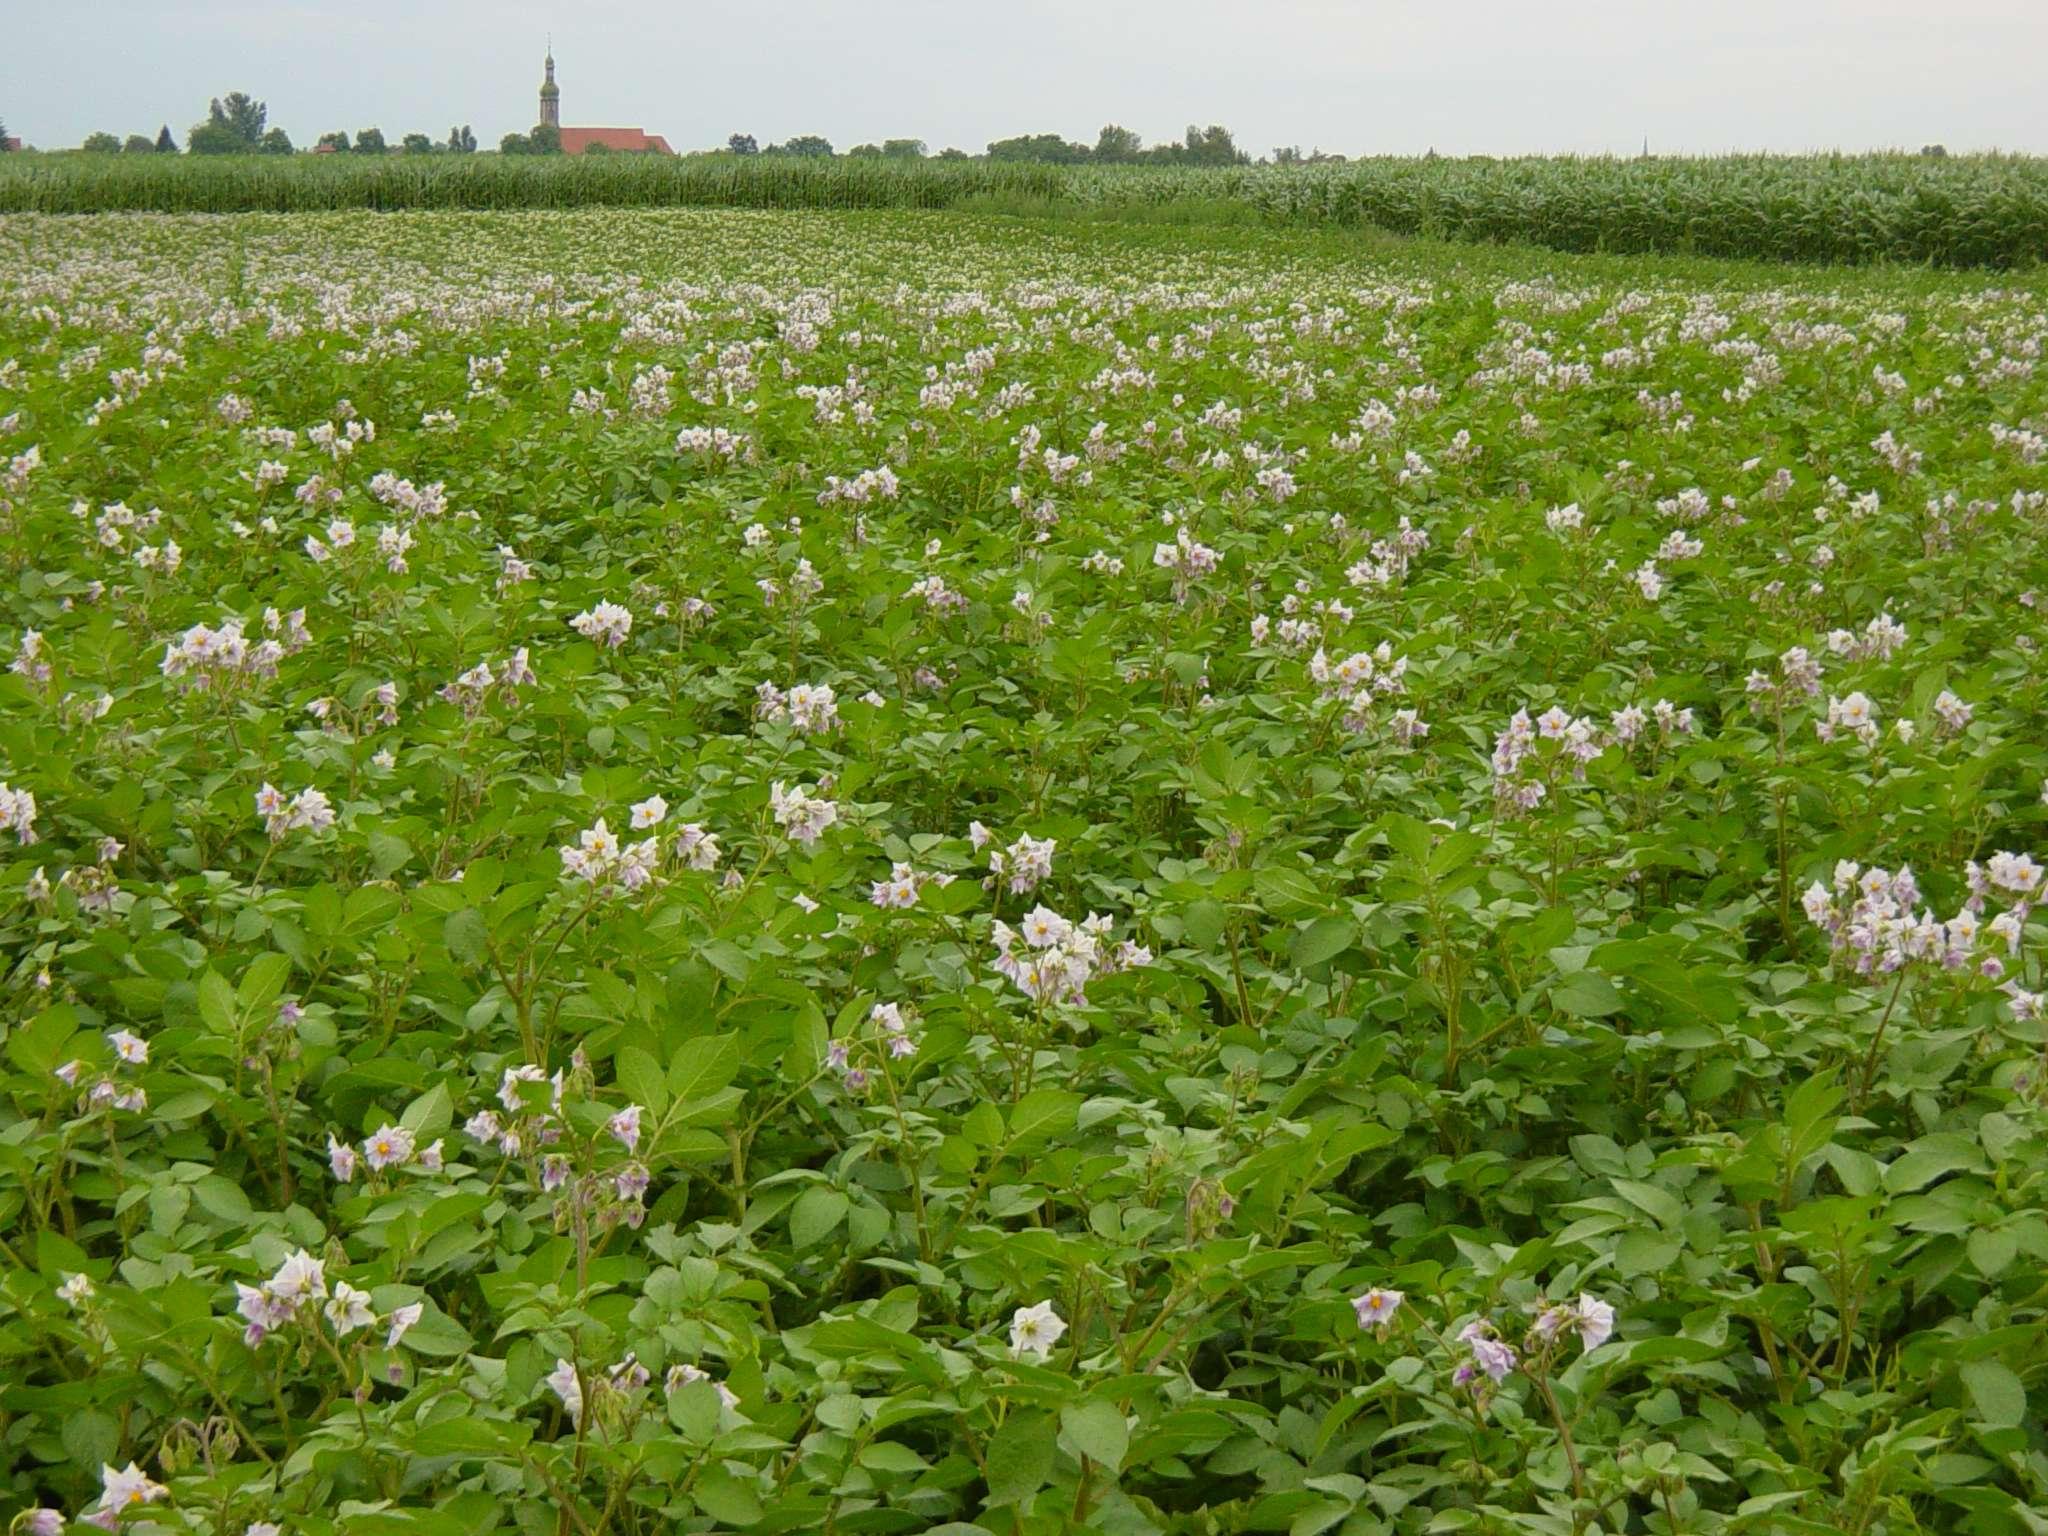 Maraichage de plein champ chambre d 39 agriculture moselle - Chambre d agriculture de la manche ...